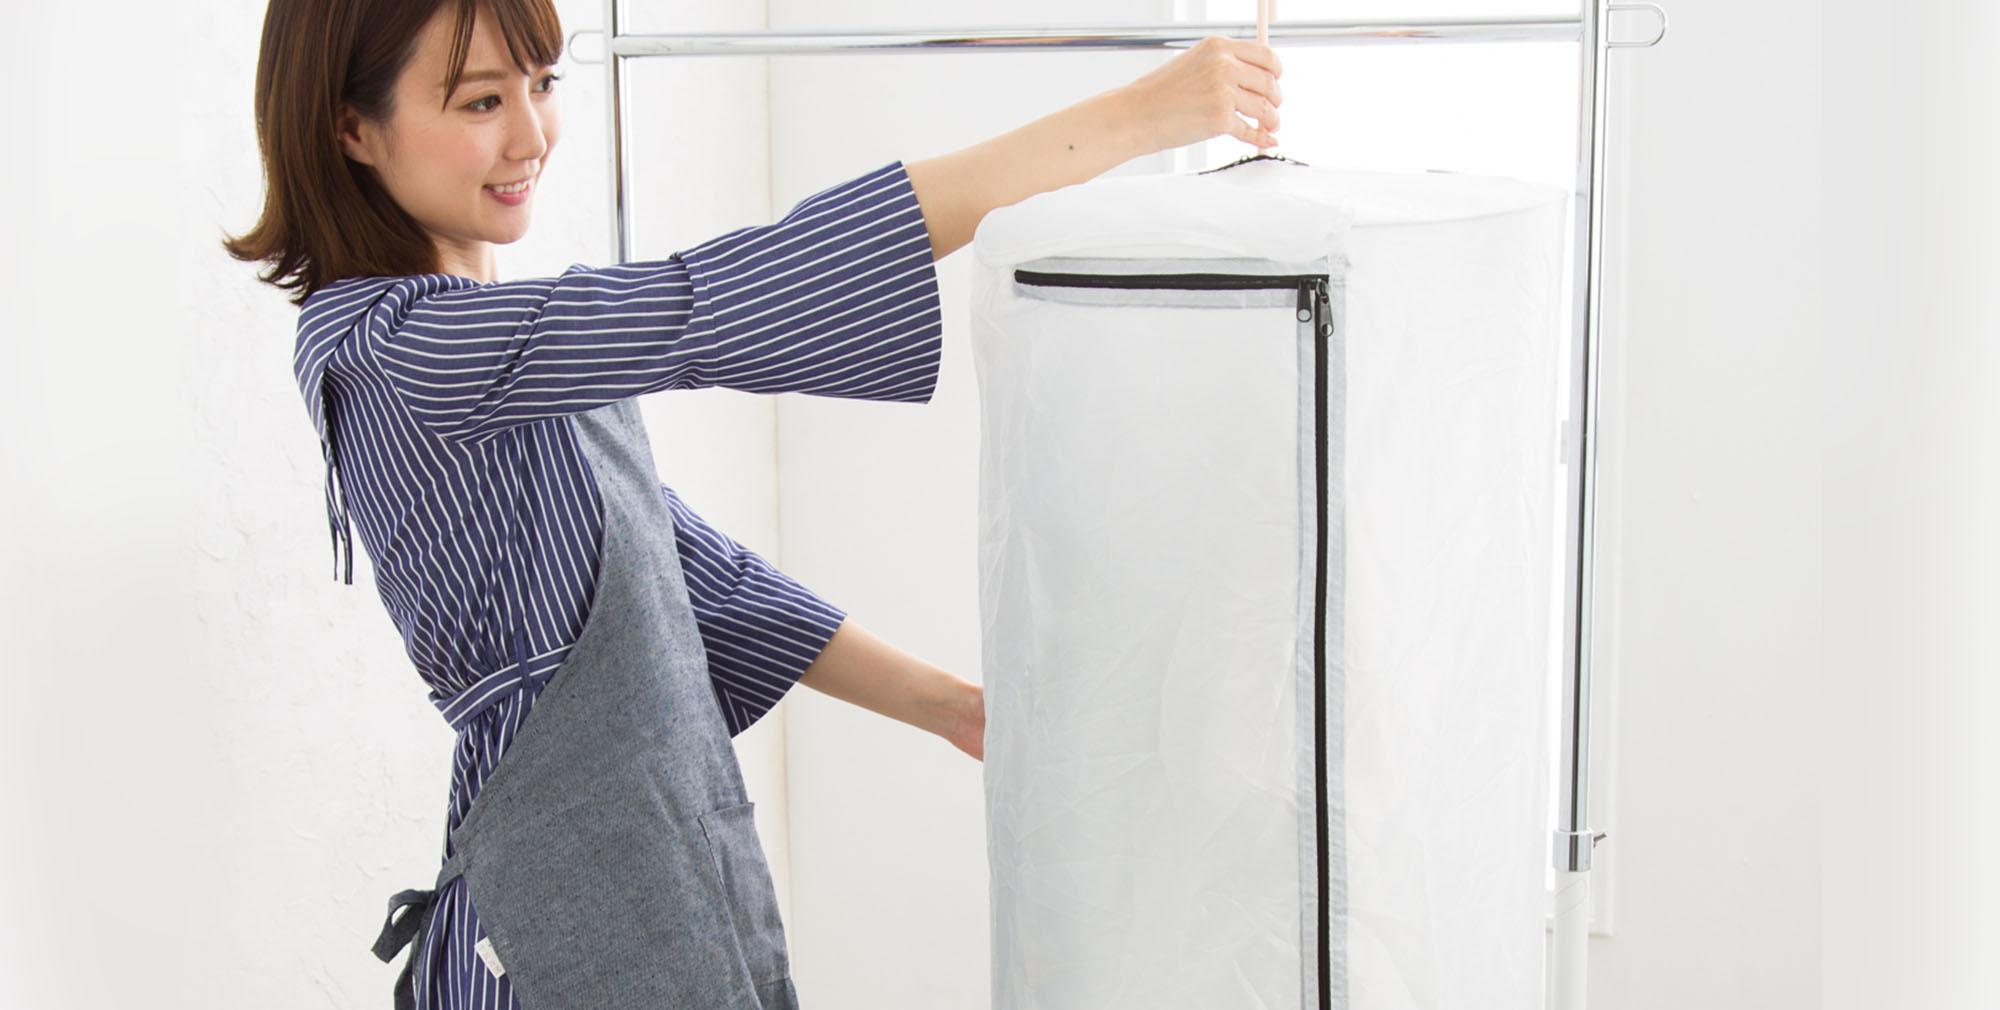 ポータブル衣類乾燥機